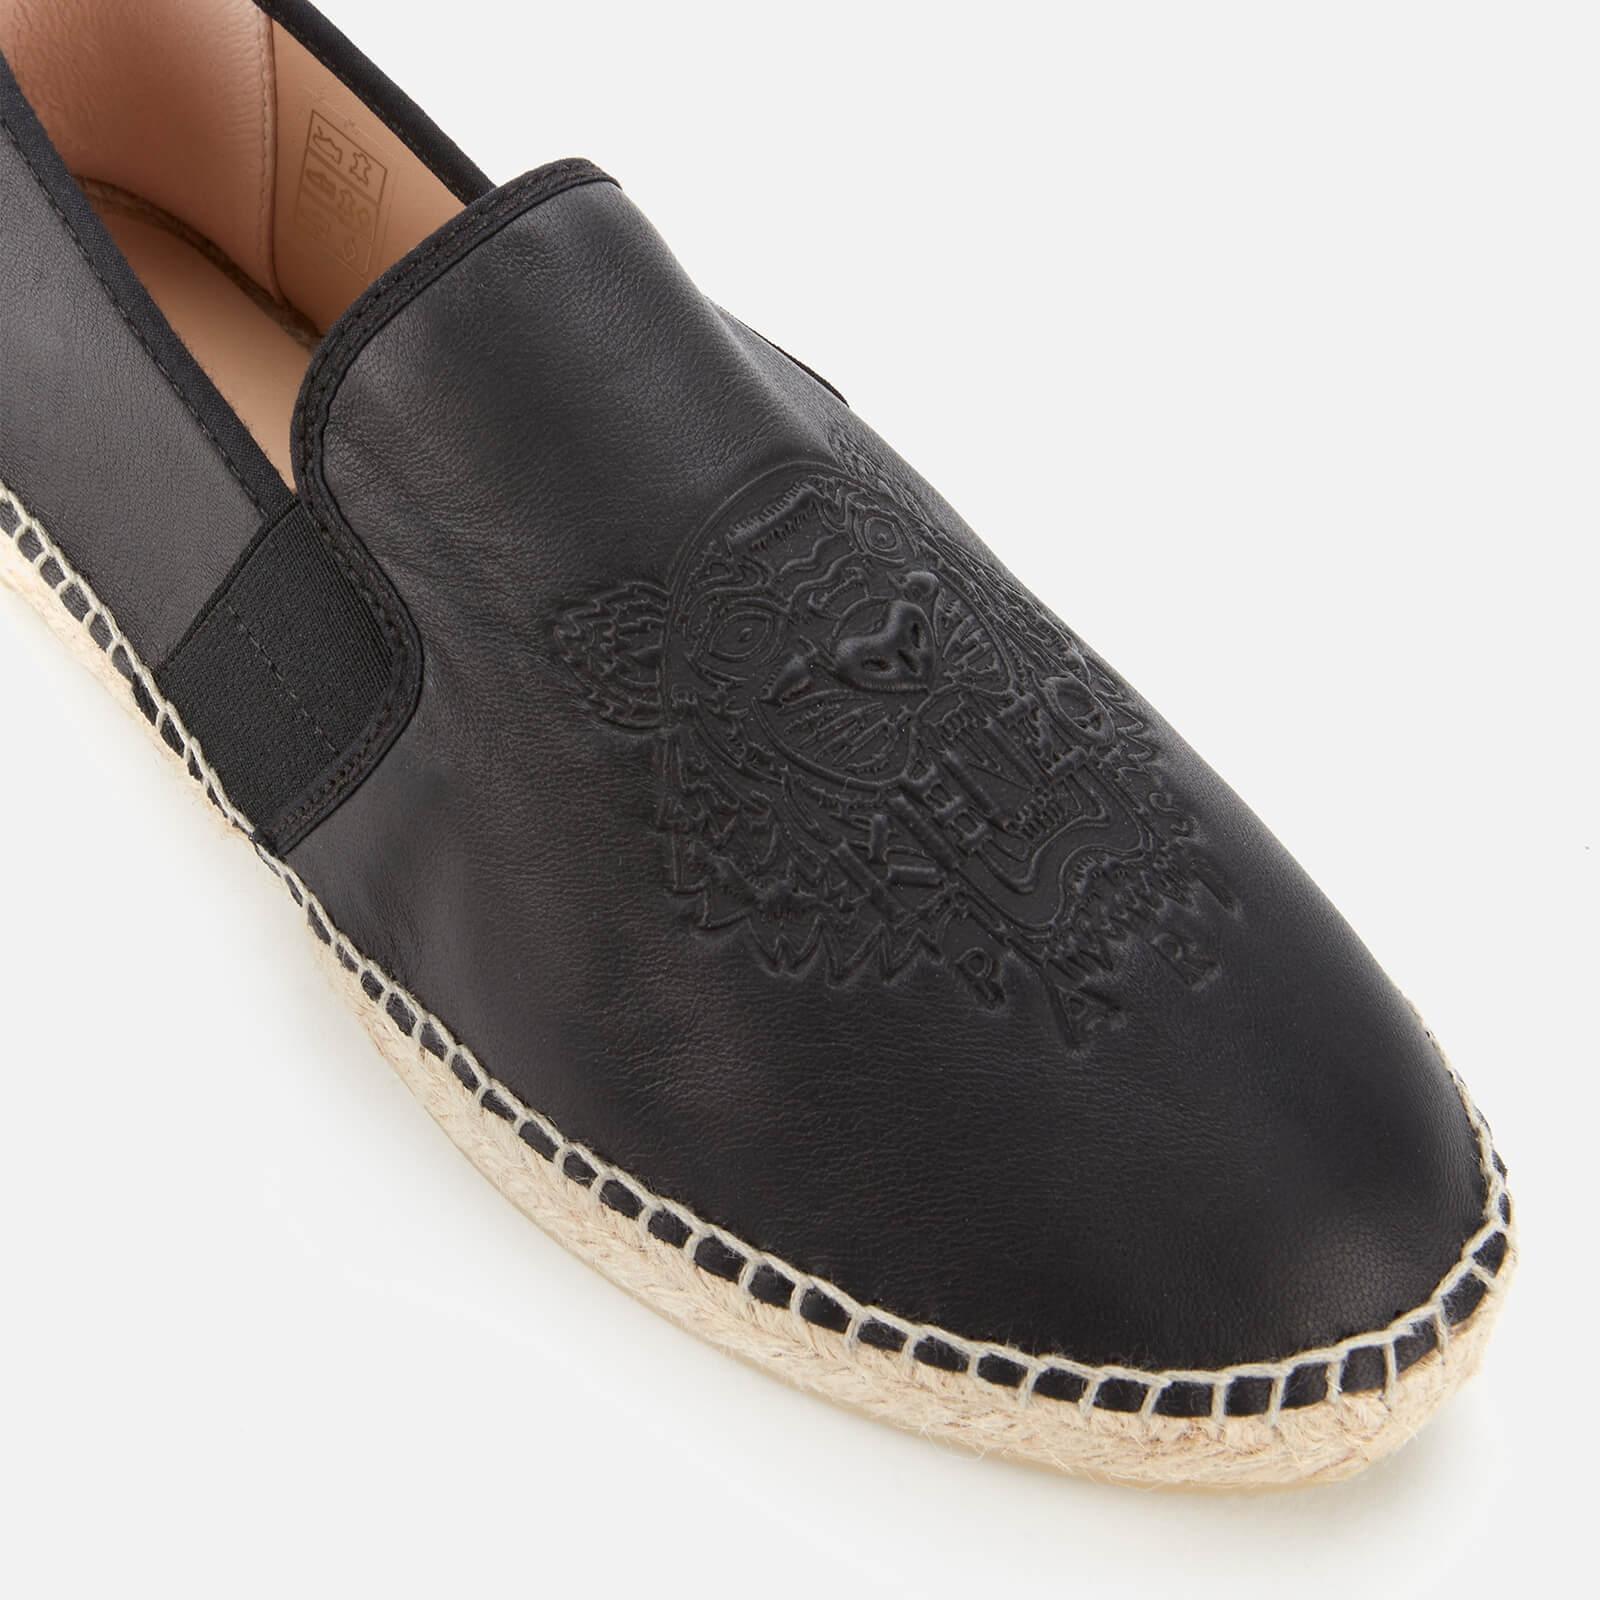 KENZO女士老虎头弹性帆布鞋-黑色